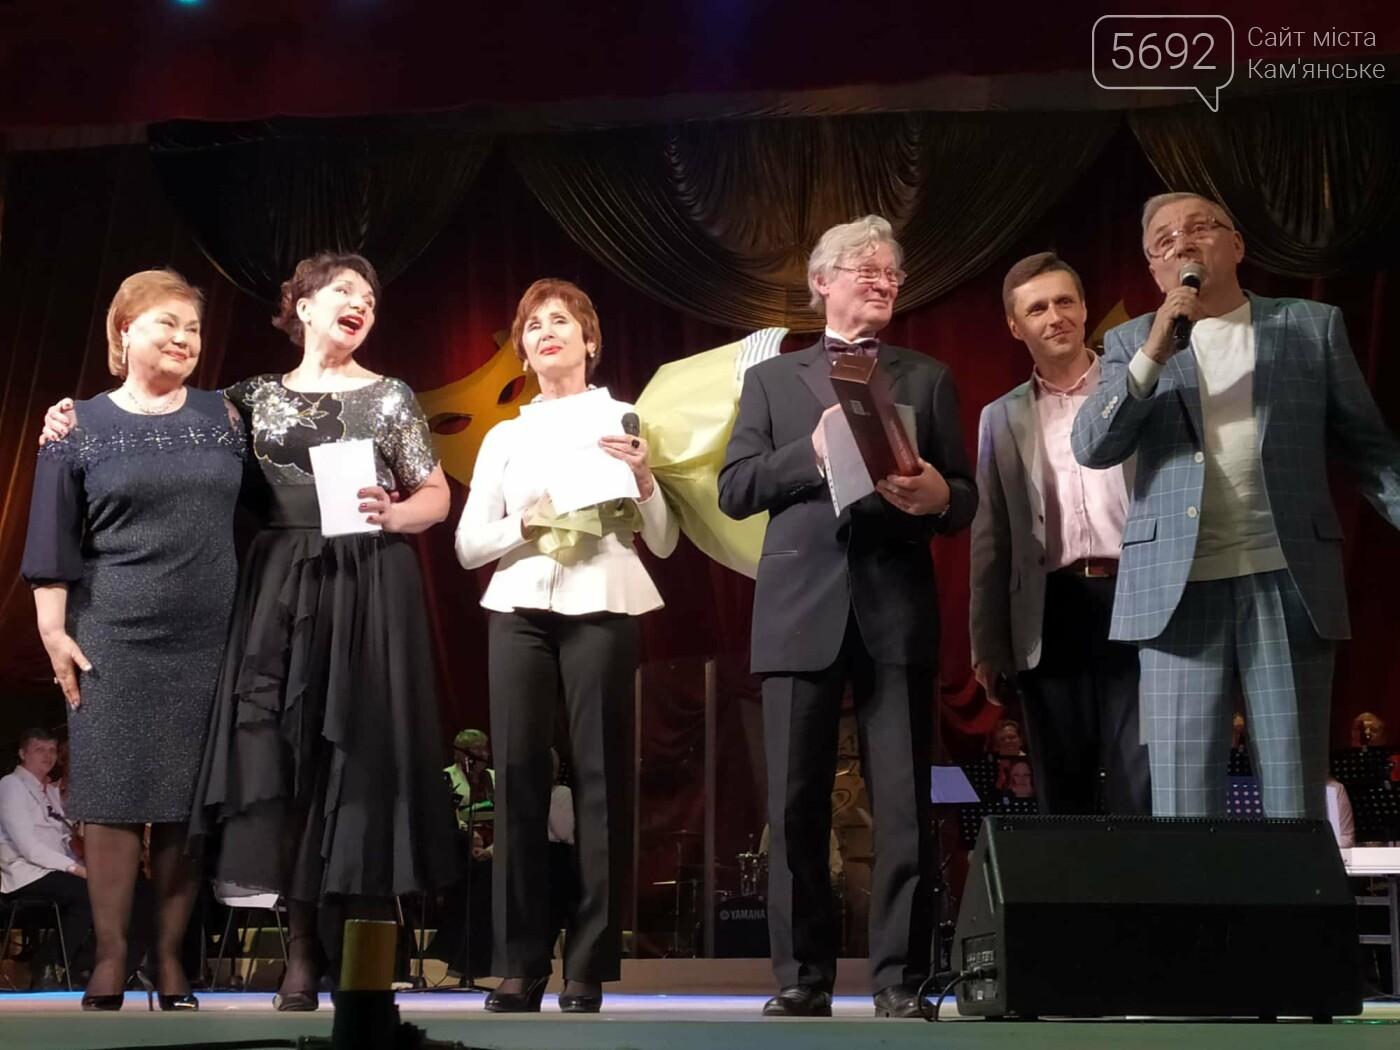 В Каменском театре концертом отметили юбилей главного режиссера, фото-7